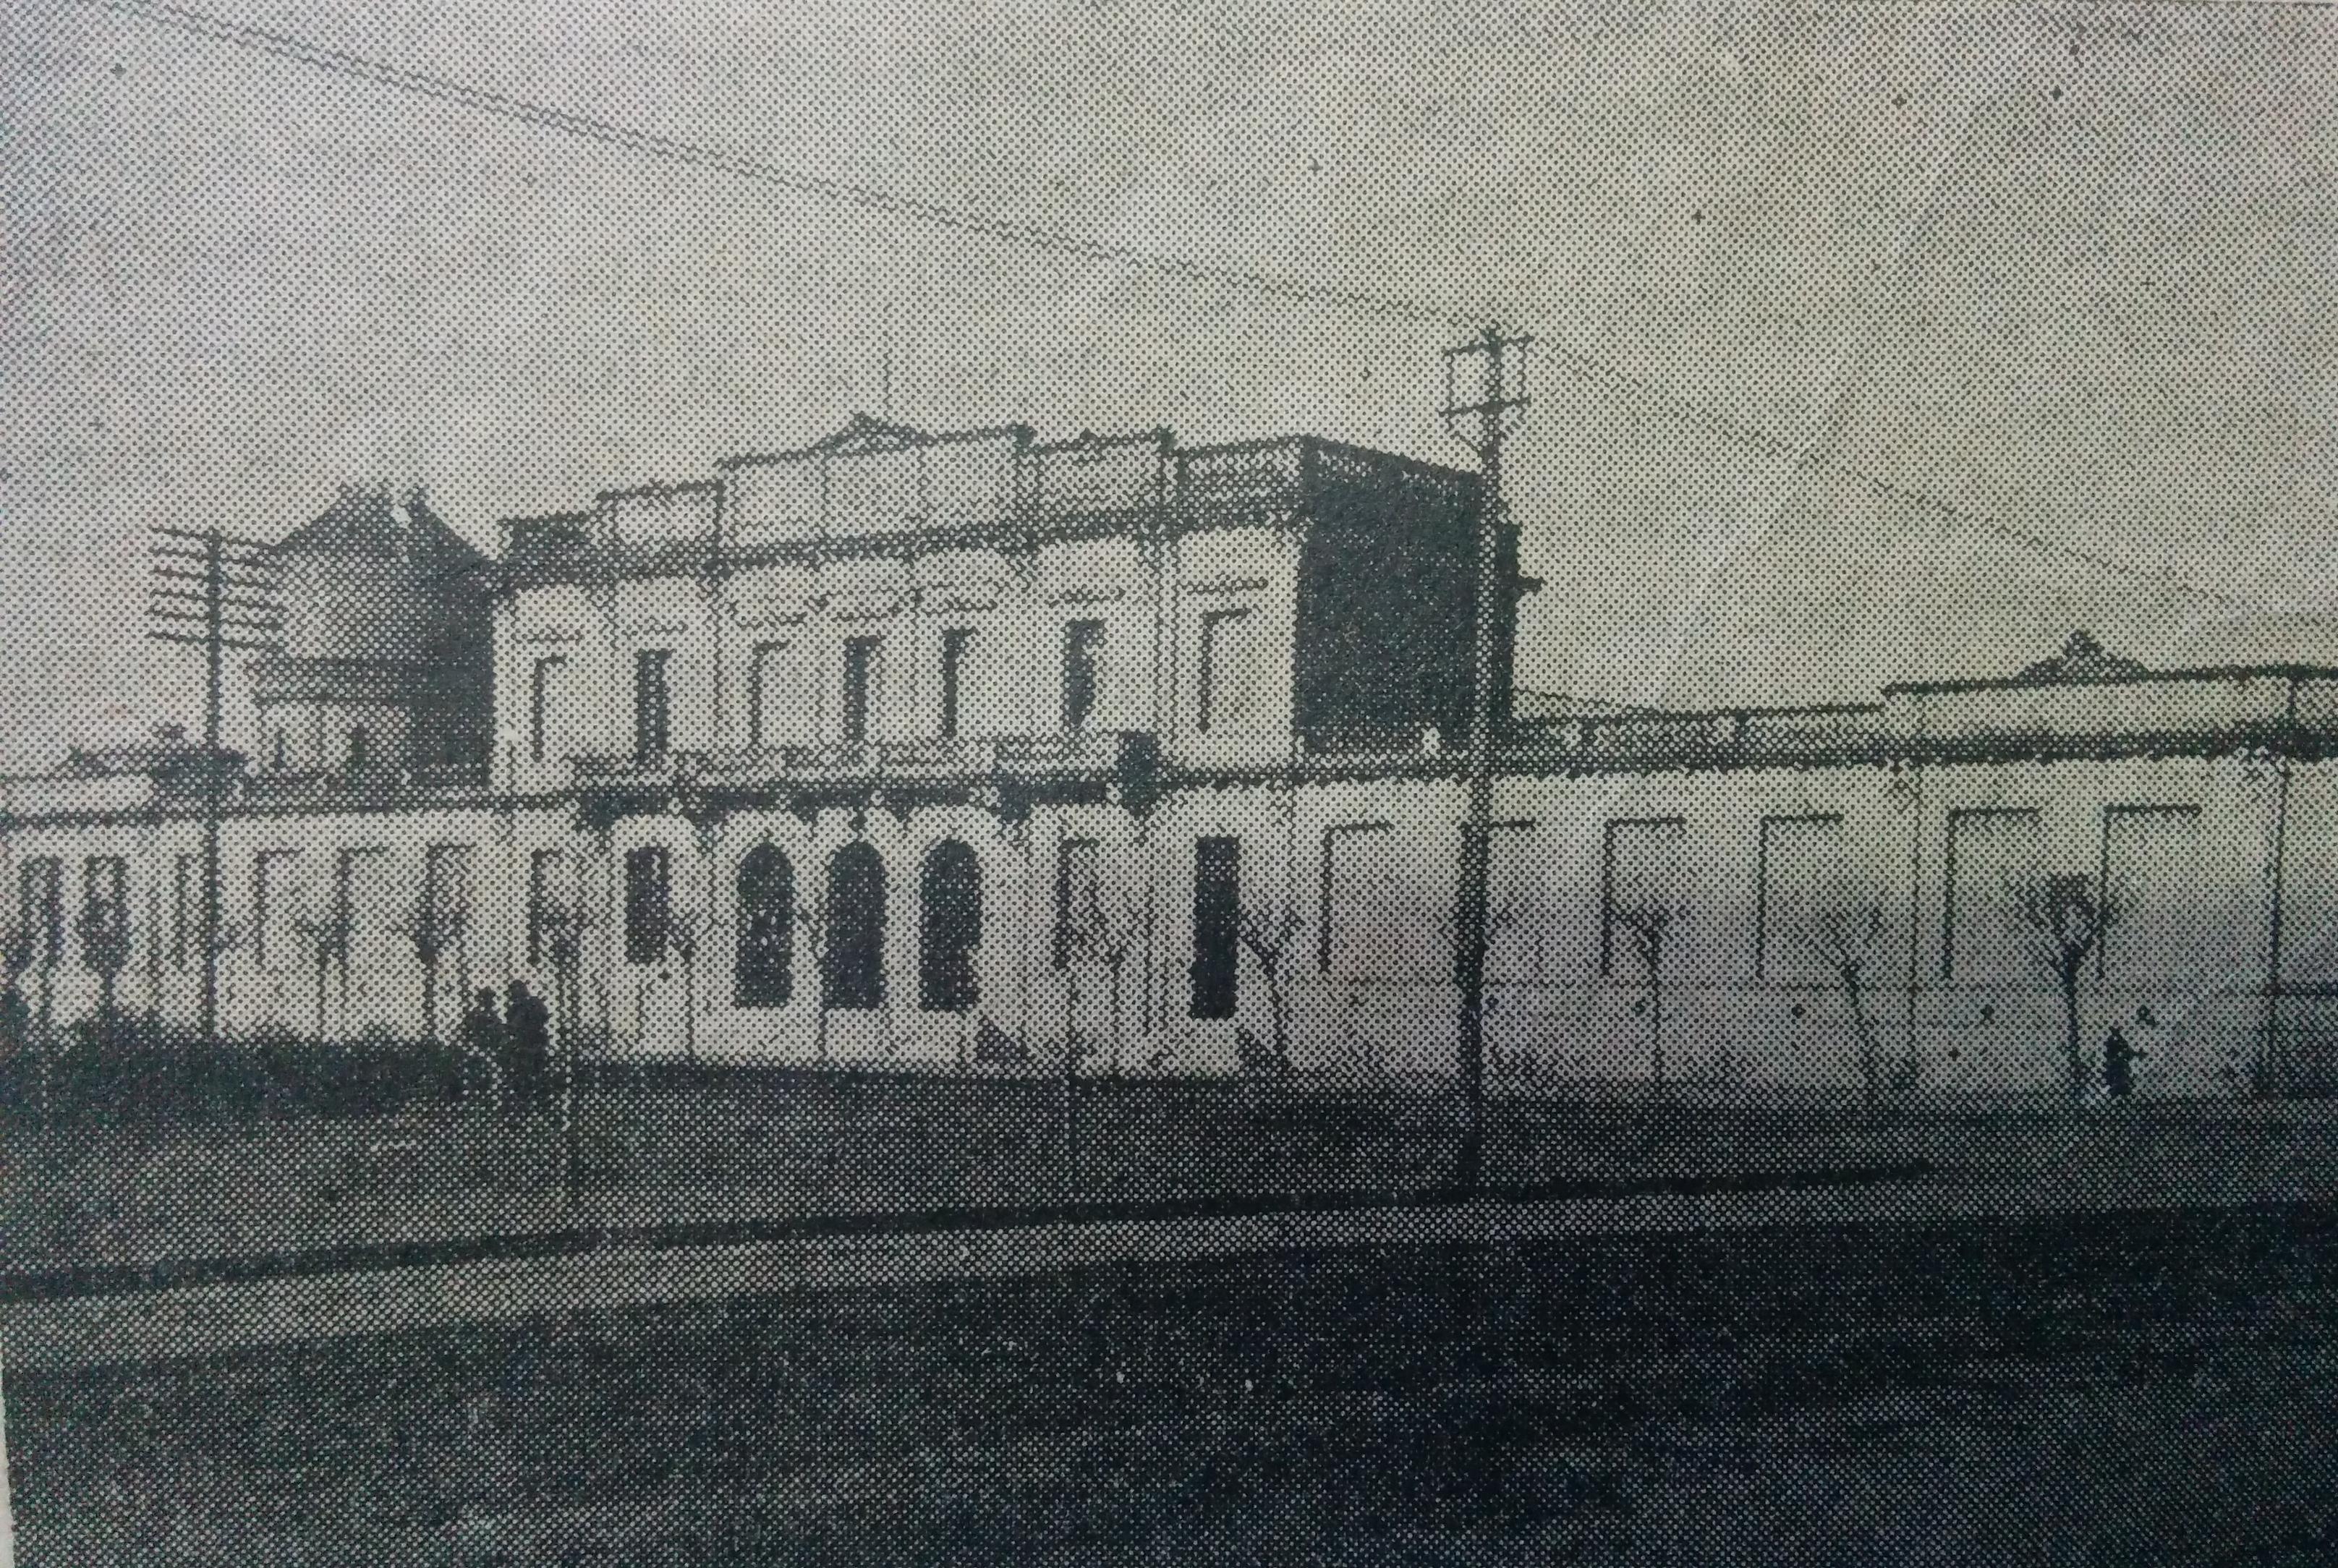 """Escuela Normal de Chivilcoy, """"Domingo Faustino Sarmiento"""", donde cursó sus estudios de magisterio, el Dr. Domingo Augusto Arizaga, recibiéndose de maestro normal nacional, en 1916."""